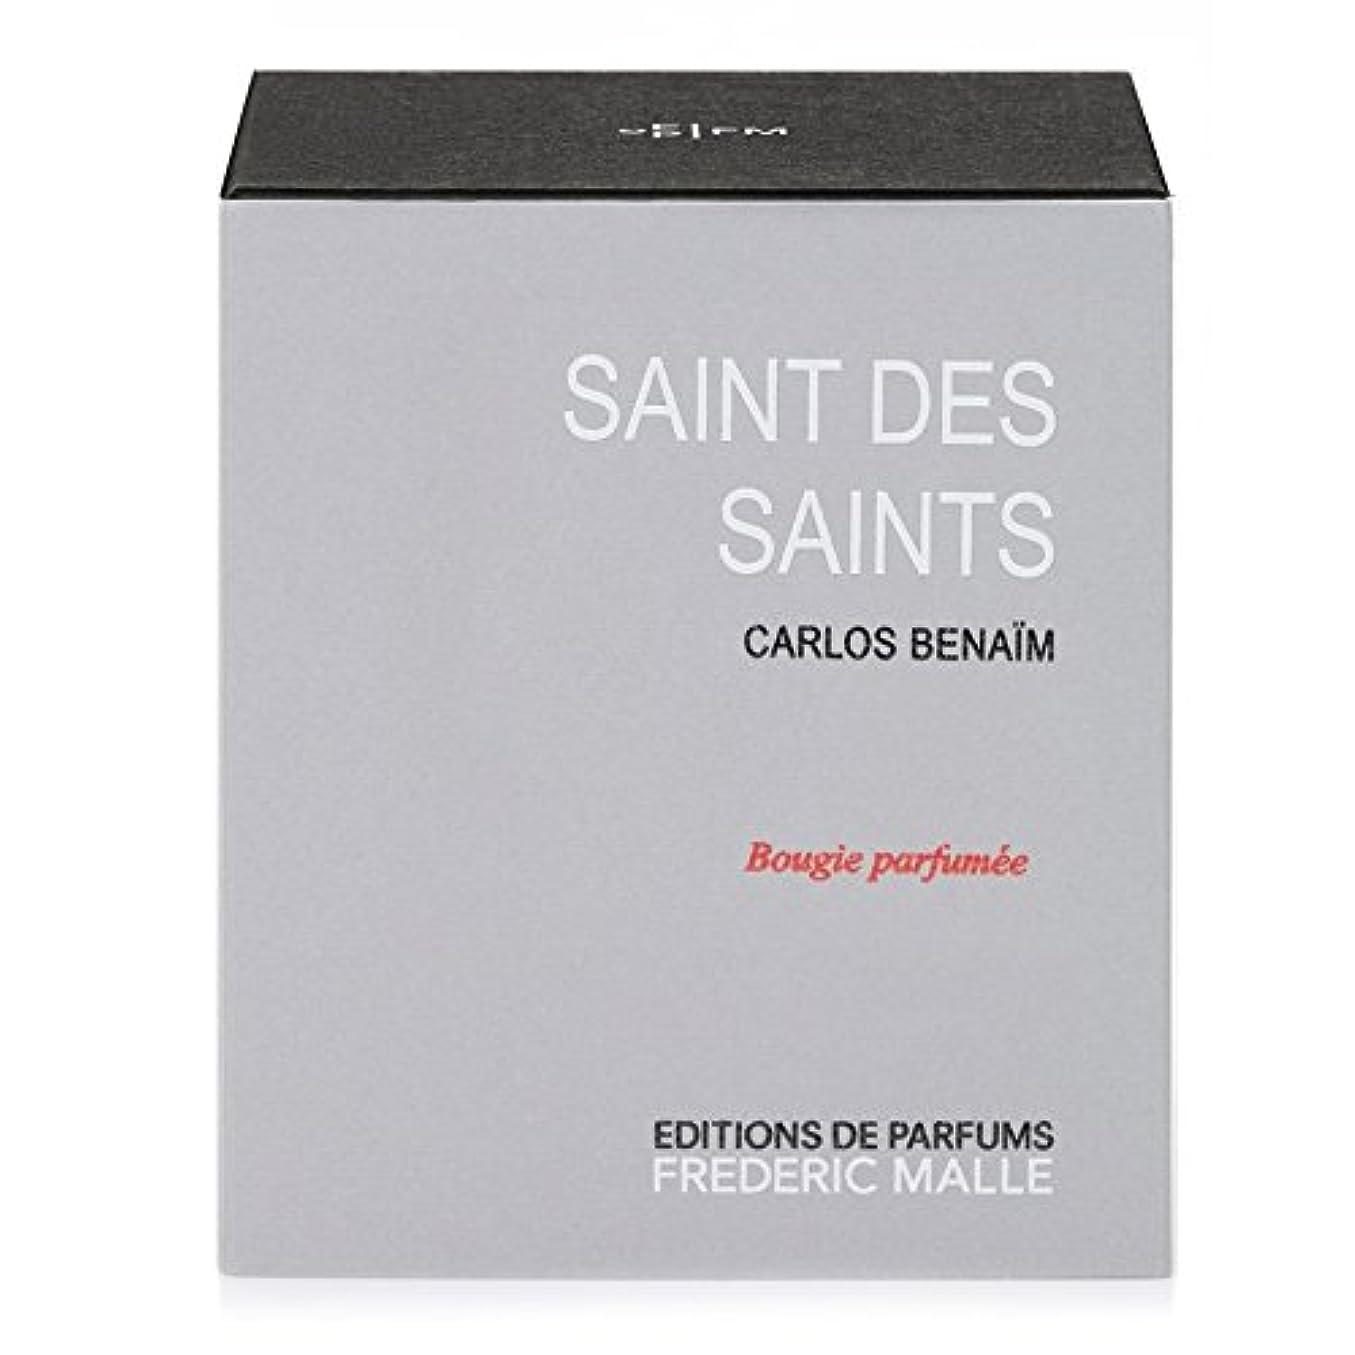 ページェントアラブサラボ腹部Frederic Malle Saint Des Saints Scented Candle 220g (Pack of 4) - フレデリック?マル聖人デ聖人の香りのキャンドル220グラム x4 [並行輸入品]